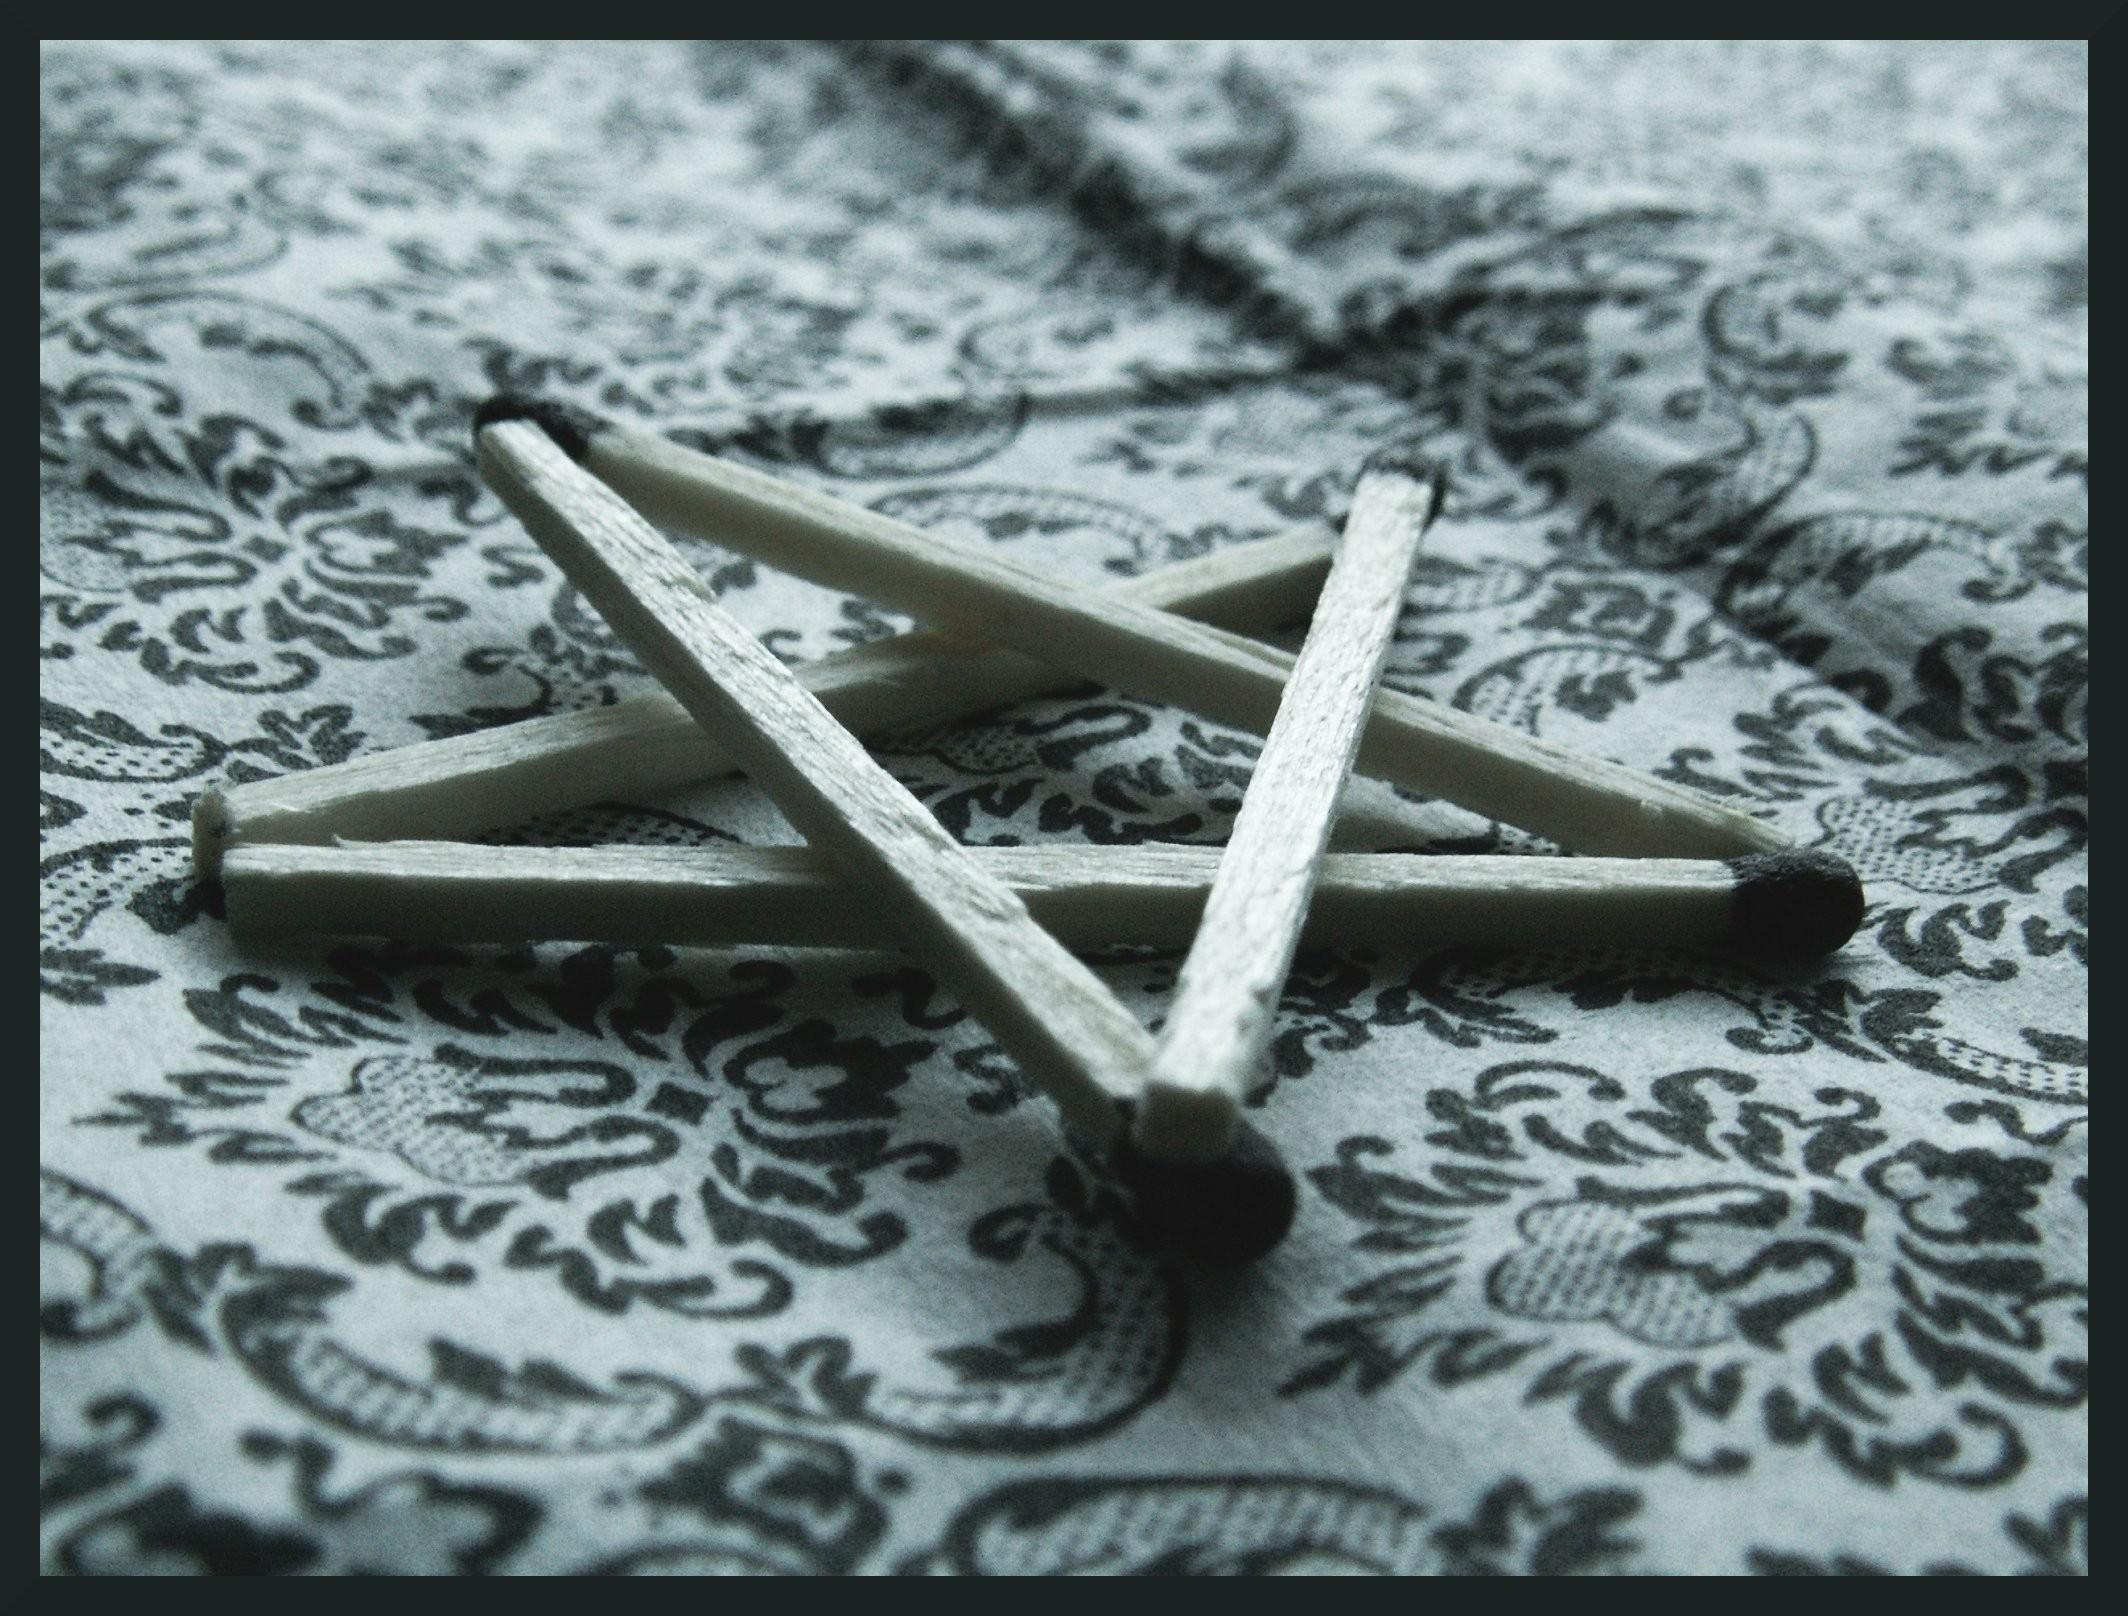 Match Pentagram wallpaper from Demon wallpapers